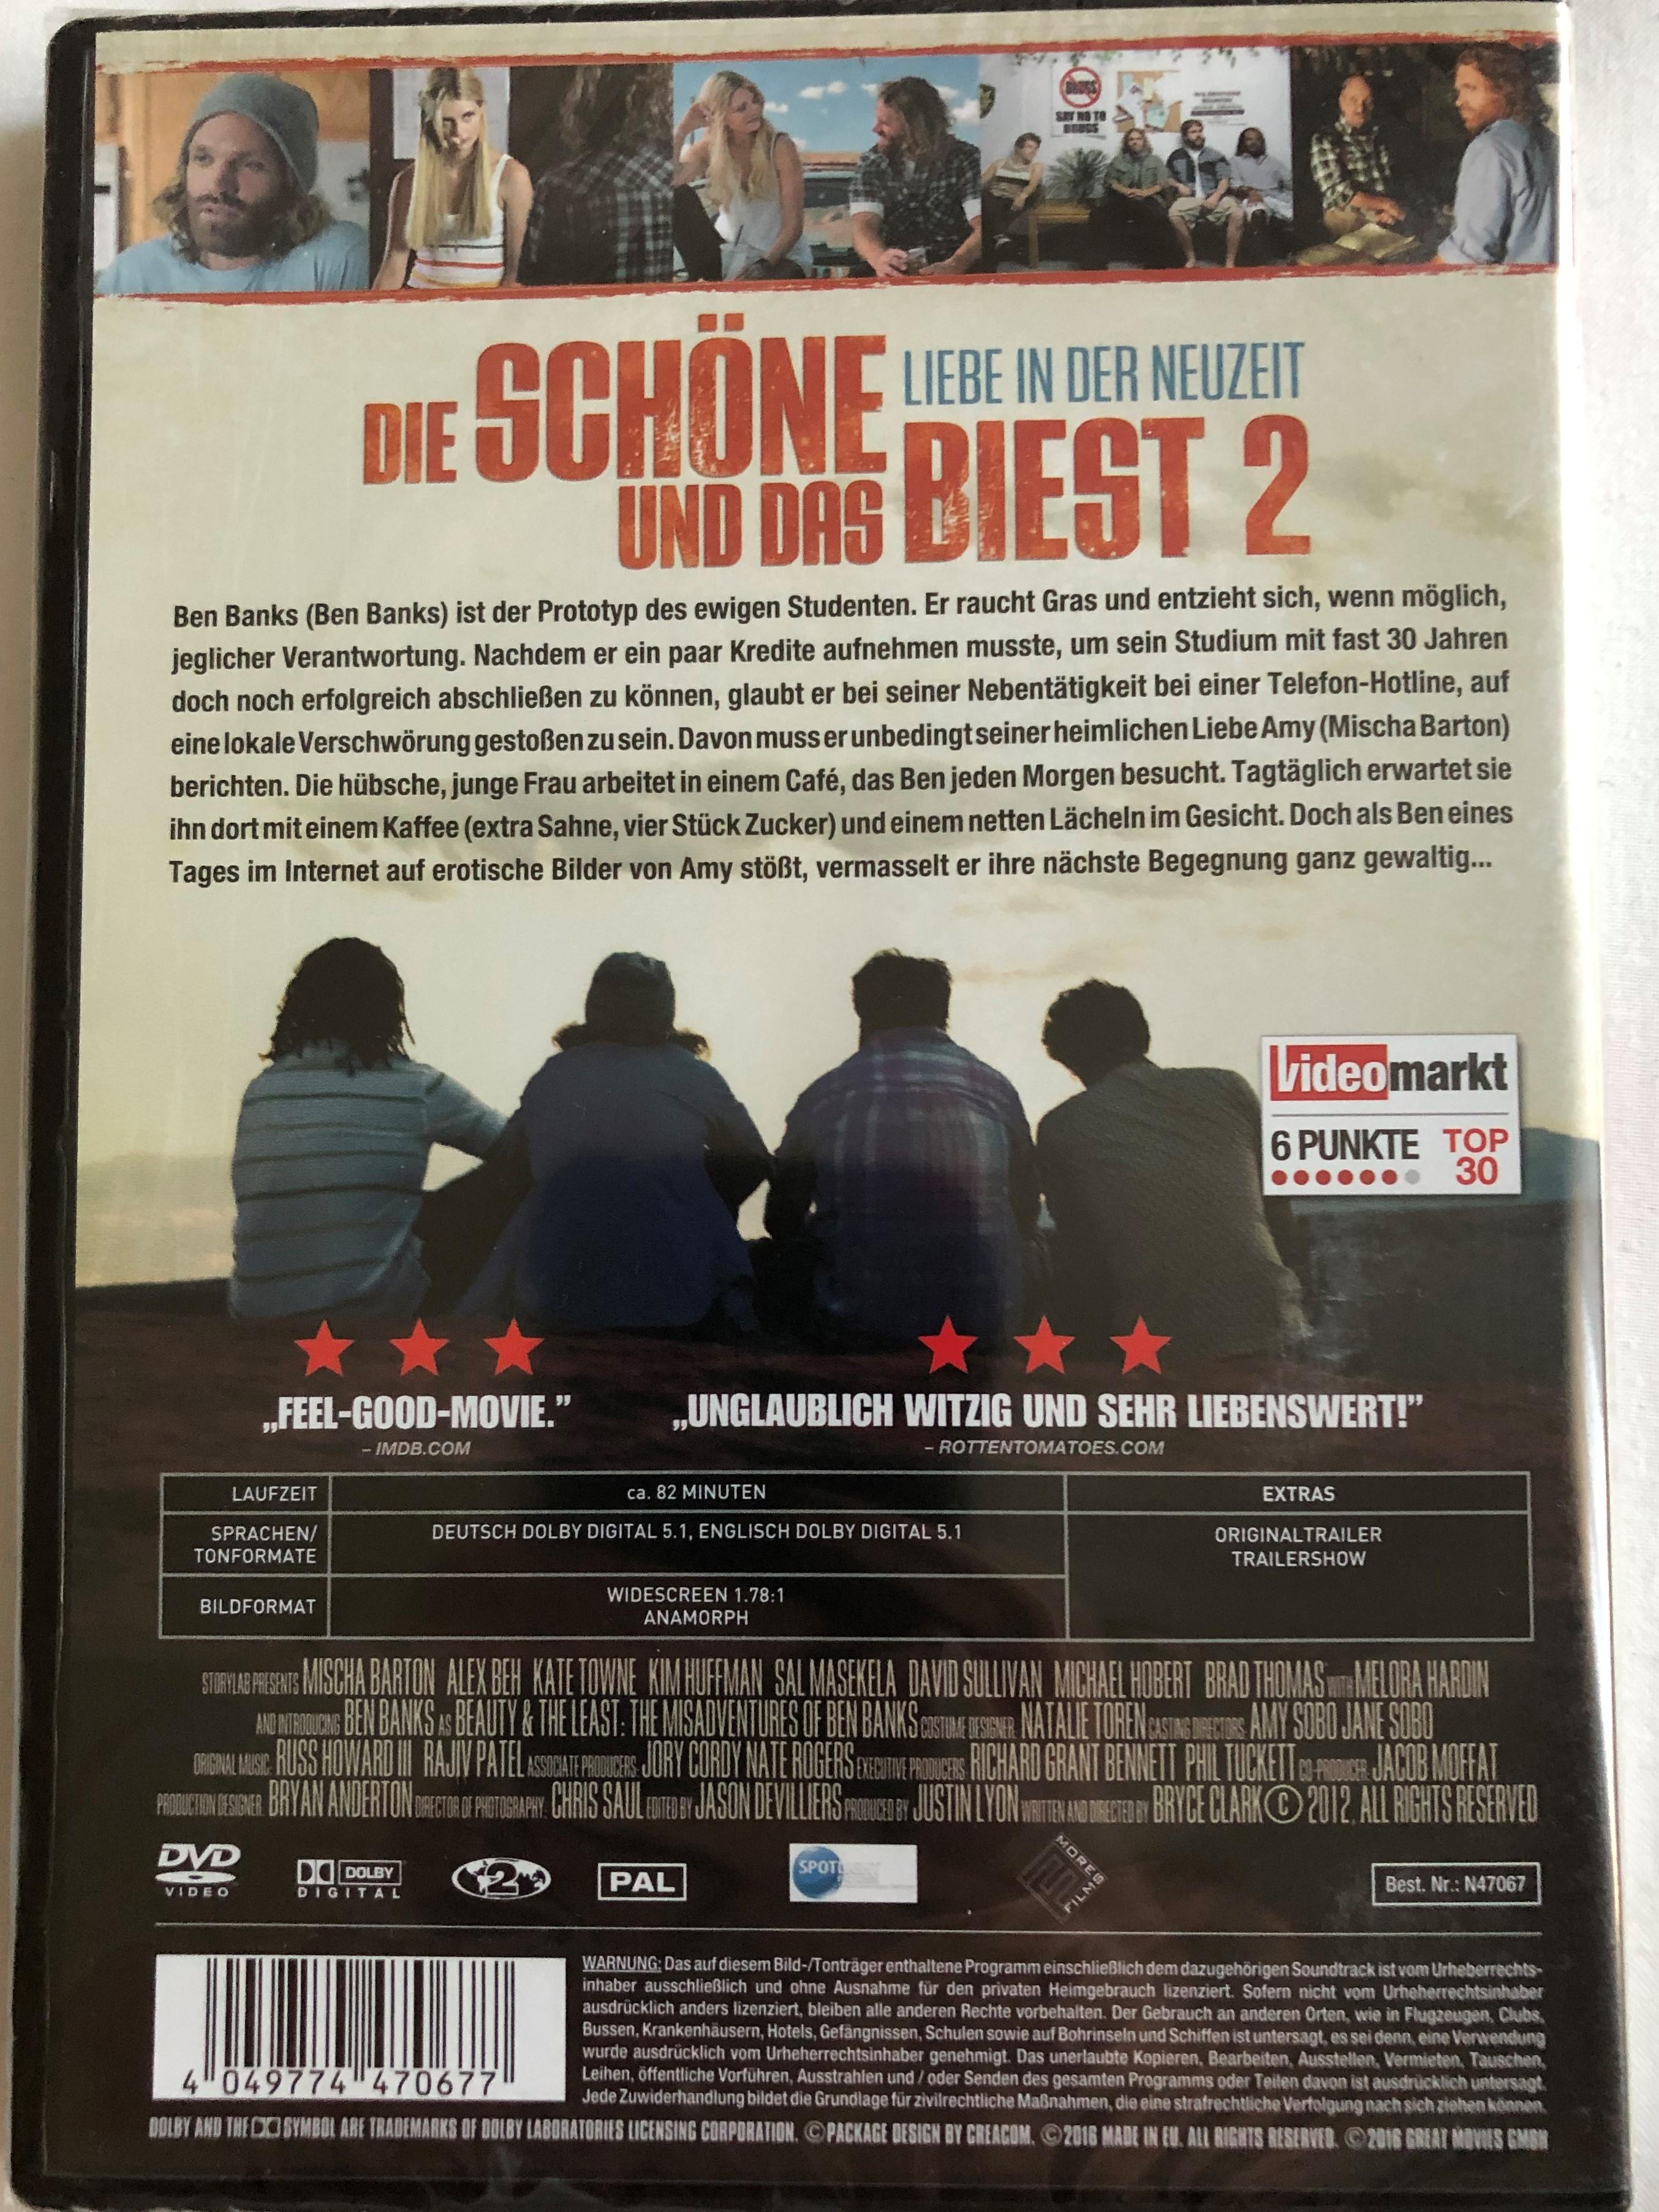 die-sch-ne-und-das-biest-2-liebe-in-der-neuzeit-dvd-2013-beauty-and-the-least-the-misadventures-of-ben-banks-directed-by-bryce-clark-starring-mischa-barton-ben-banks-melora-hardin-2-.jpg